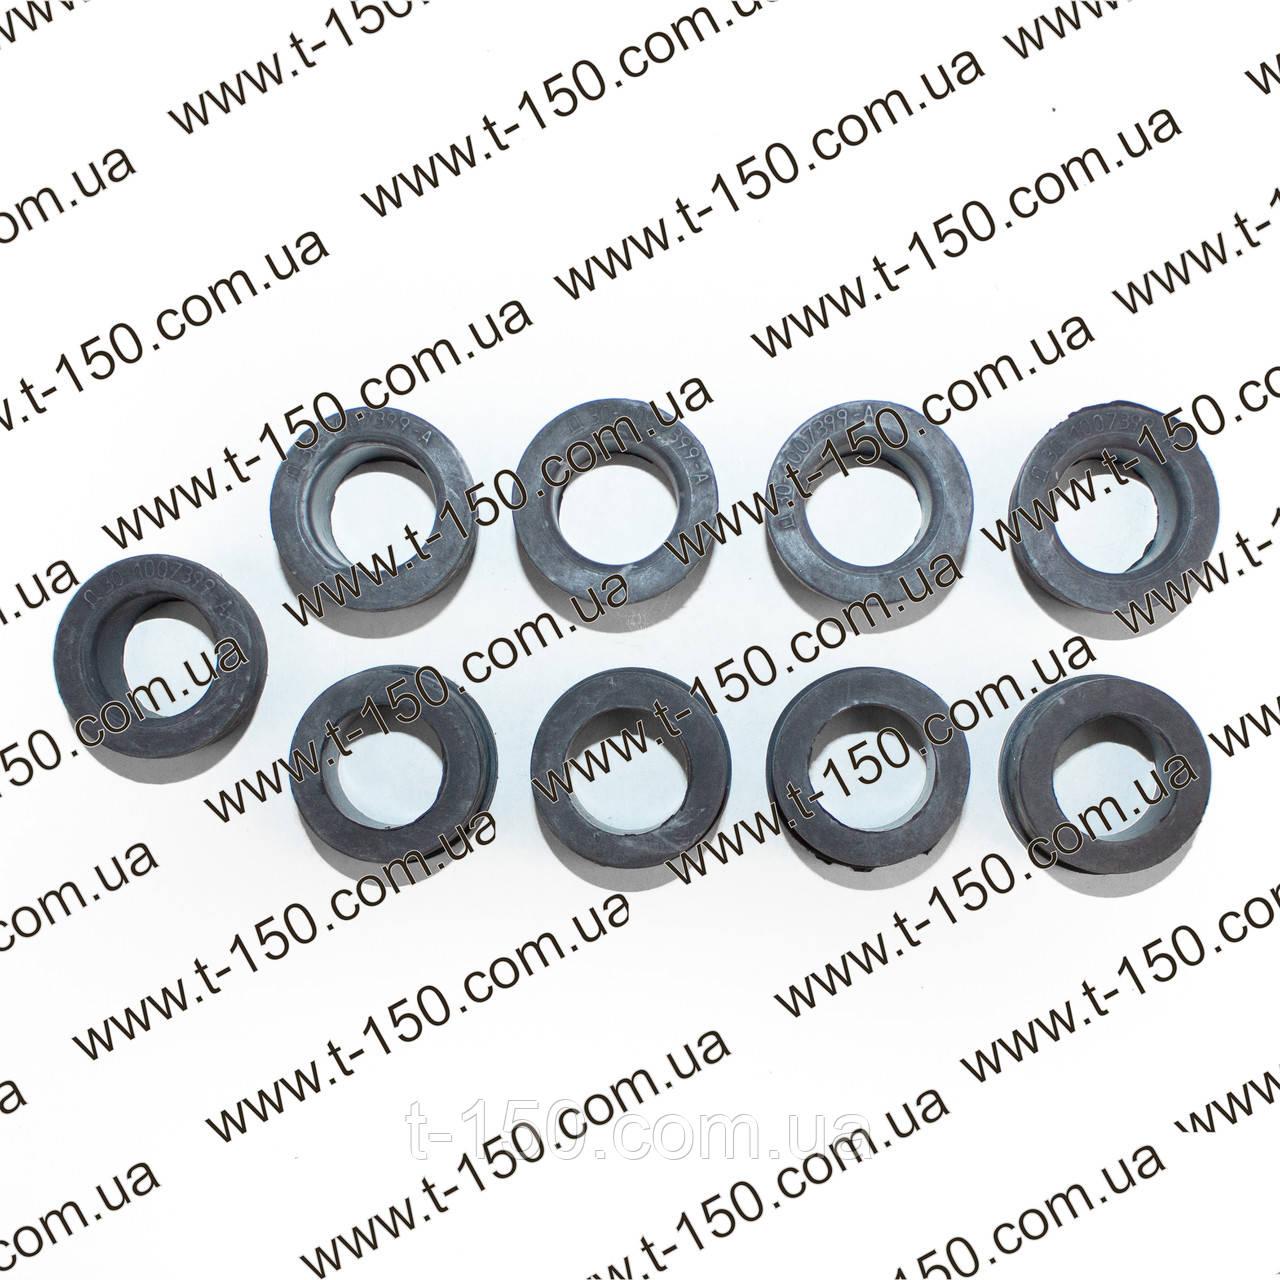 Ремкомплект втулок направляющих штанг клапанов Д-21(кол-во 9шт.) (Д30-1007399)